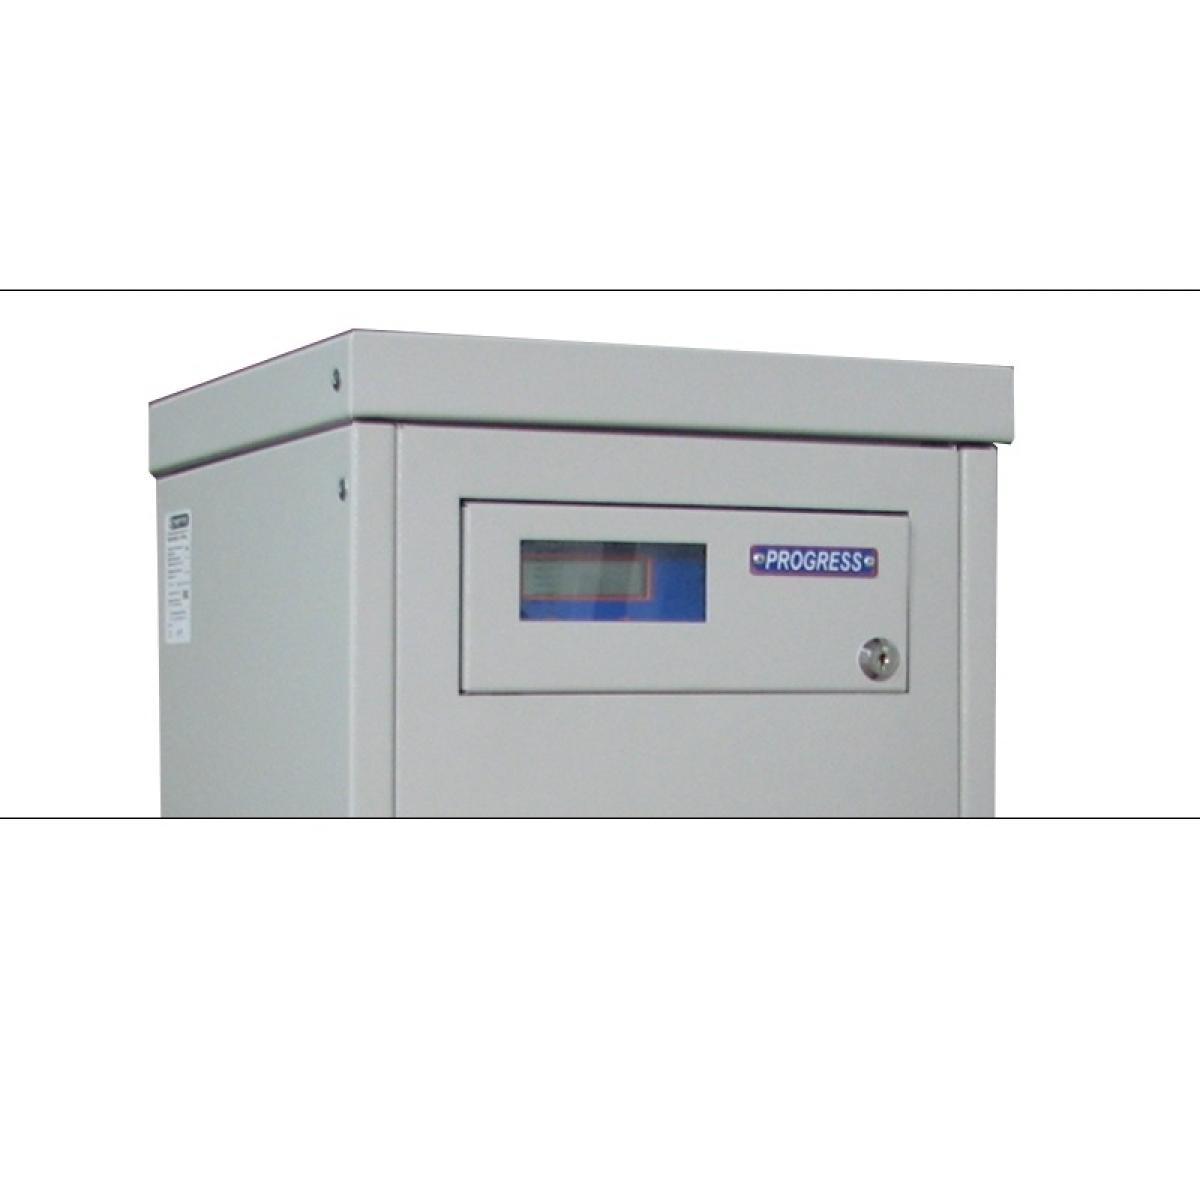 Однофазный стабилизатор PROGRESS 80000T-20, дисплей